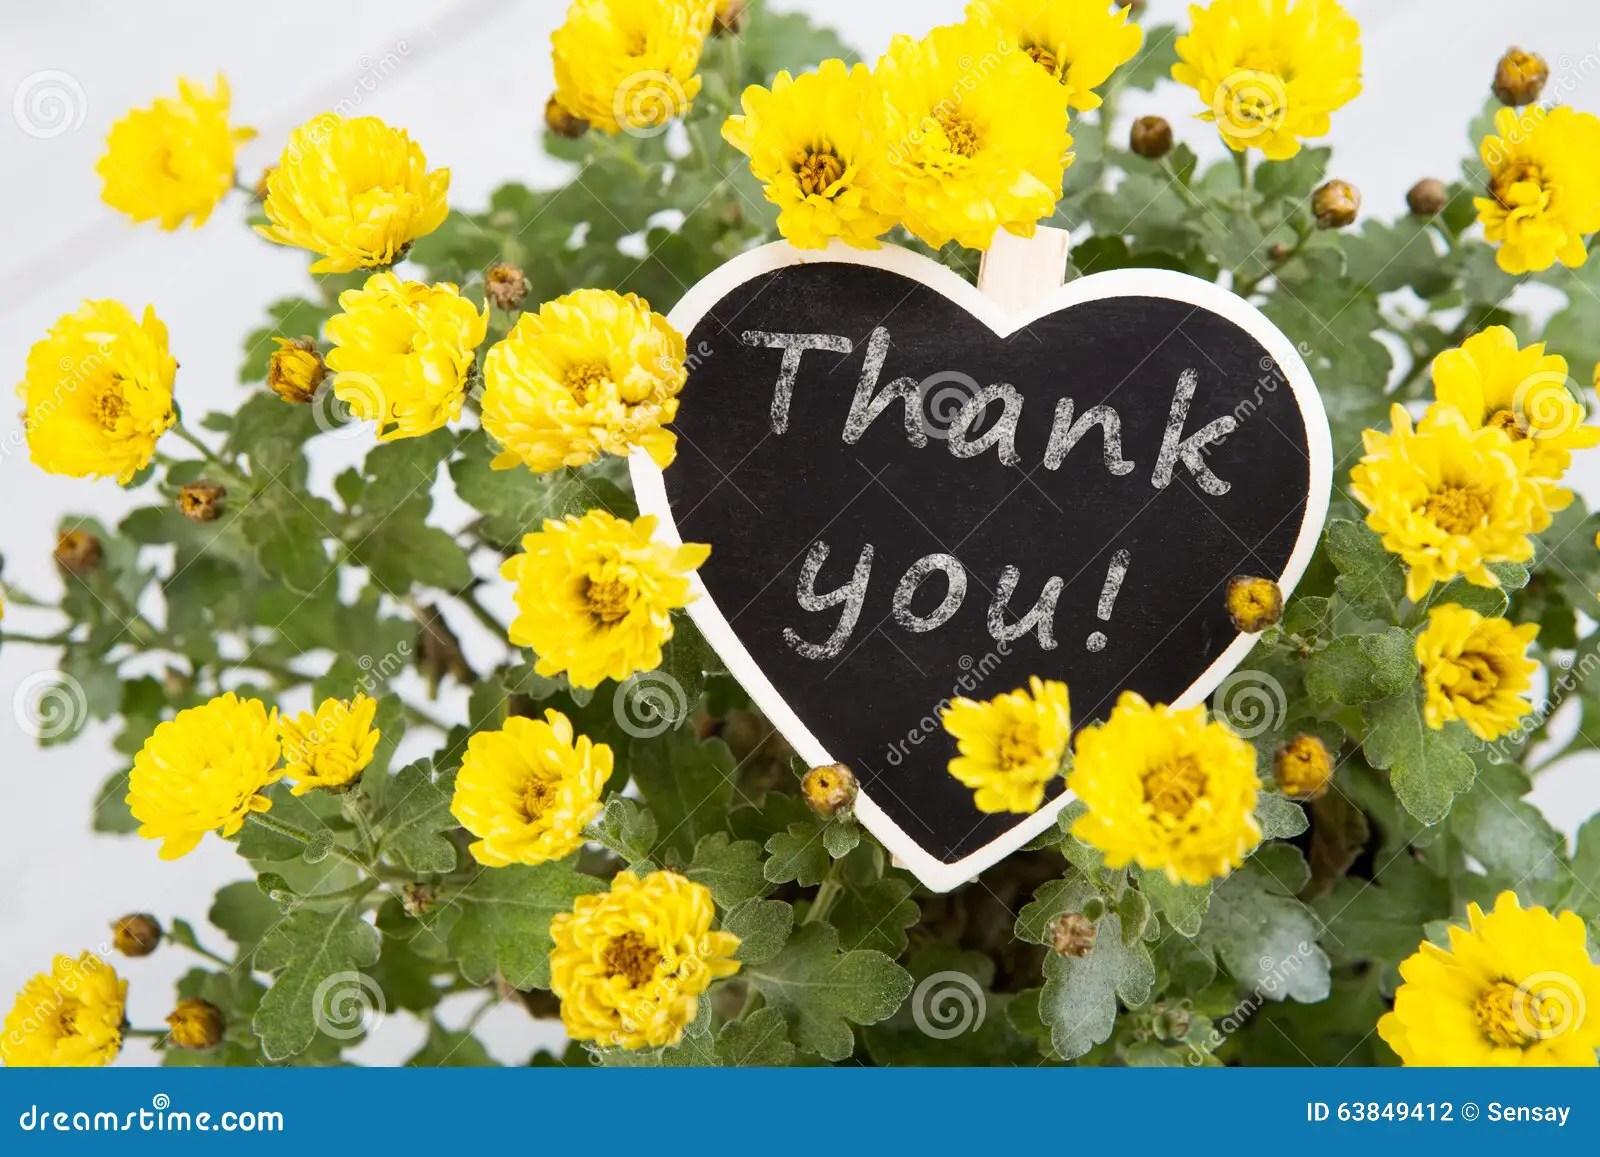 Danke  Blumenstrau Von Blumen Mit Einer